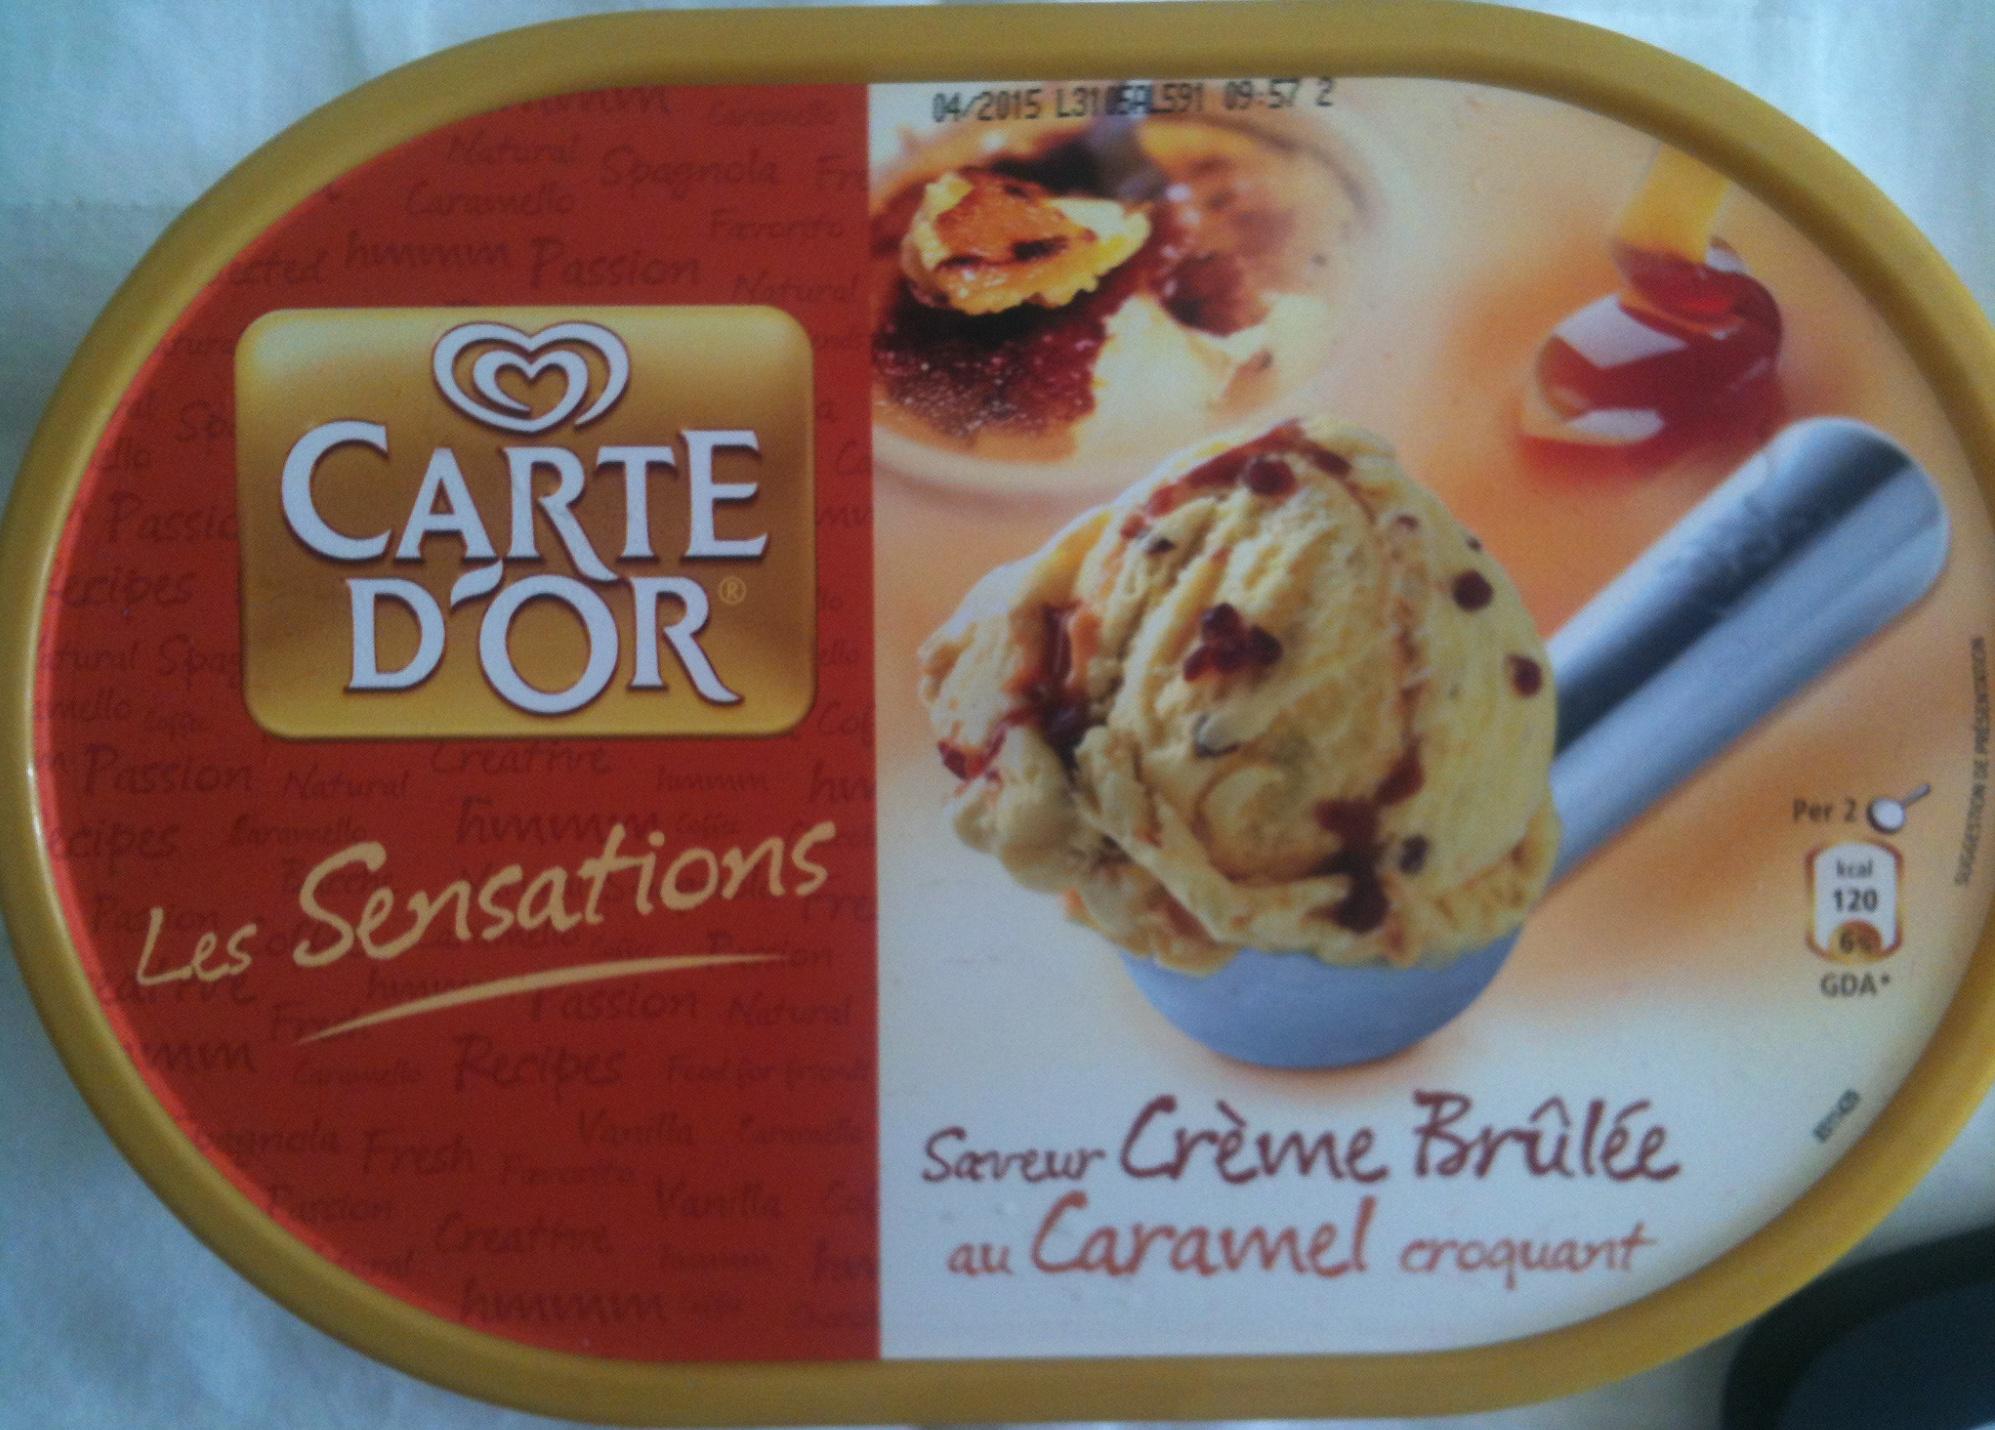 Carte d'Or - Les Sensations - Saveur Crème Brûlée au Caramel croquant - Produit - fr